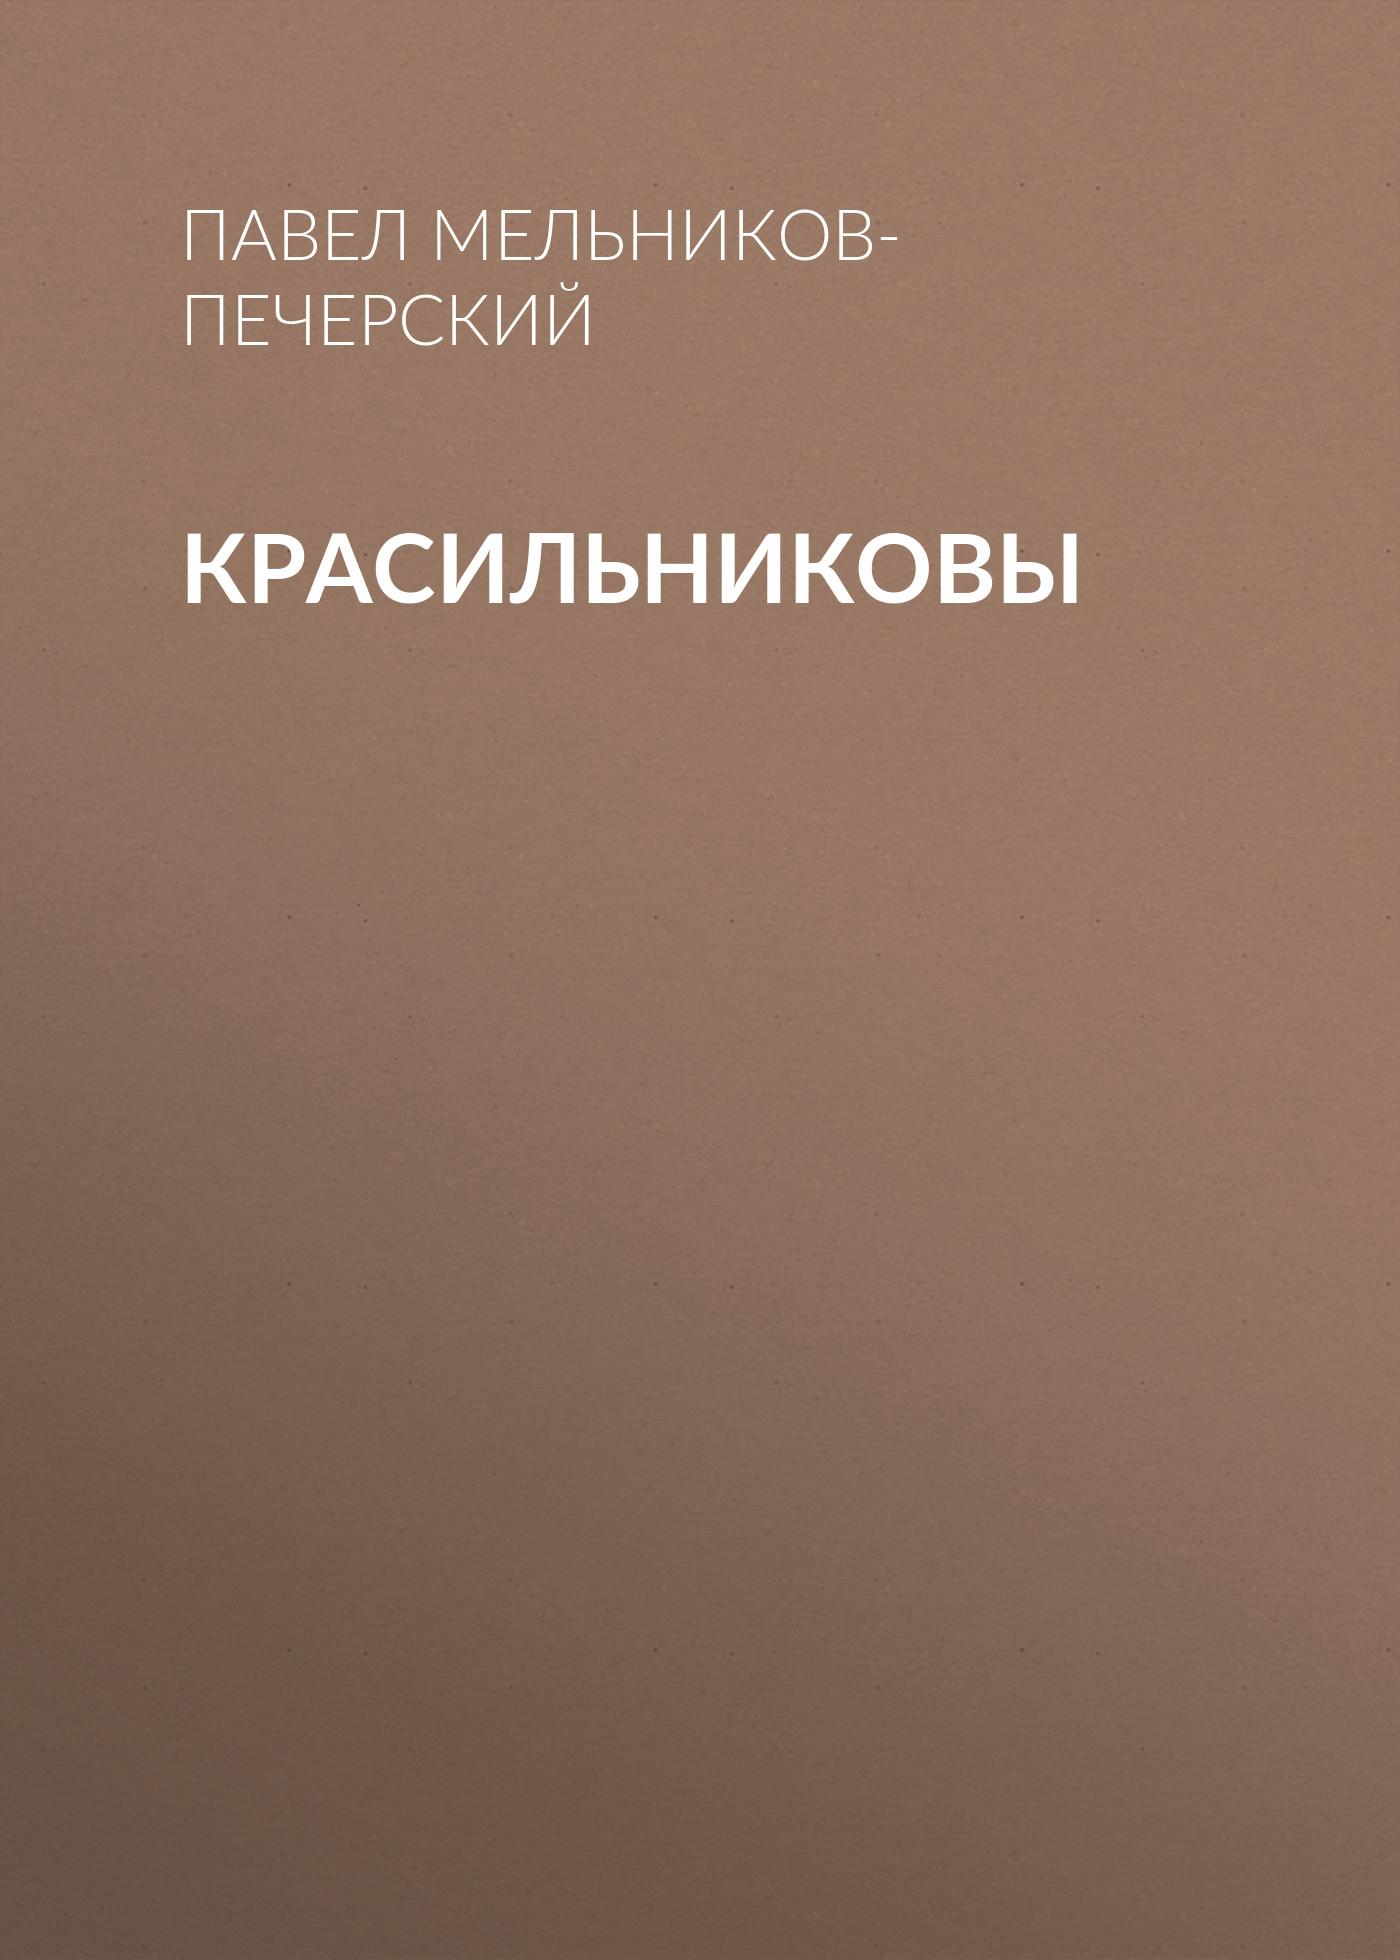 Павел Мельников-Печерский Красильниковы